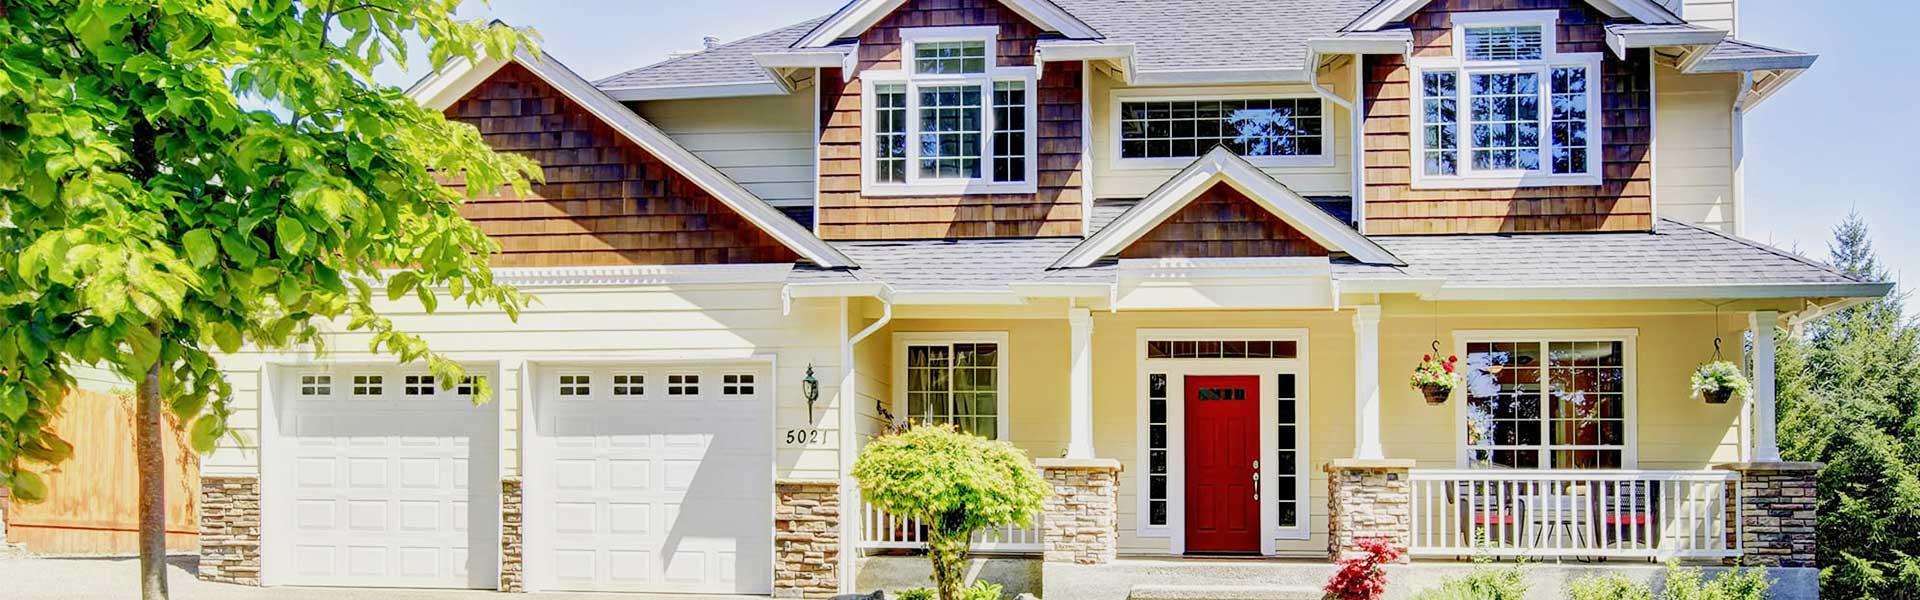 key-home-inspection-home-inspection-grand-rapids-mi-rockfoard-mi